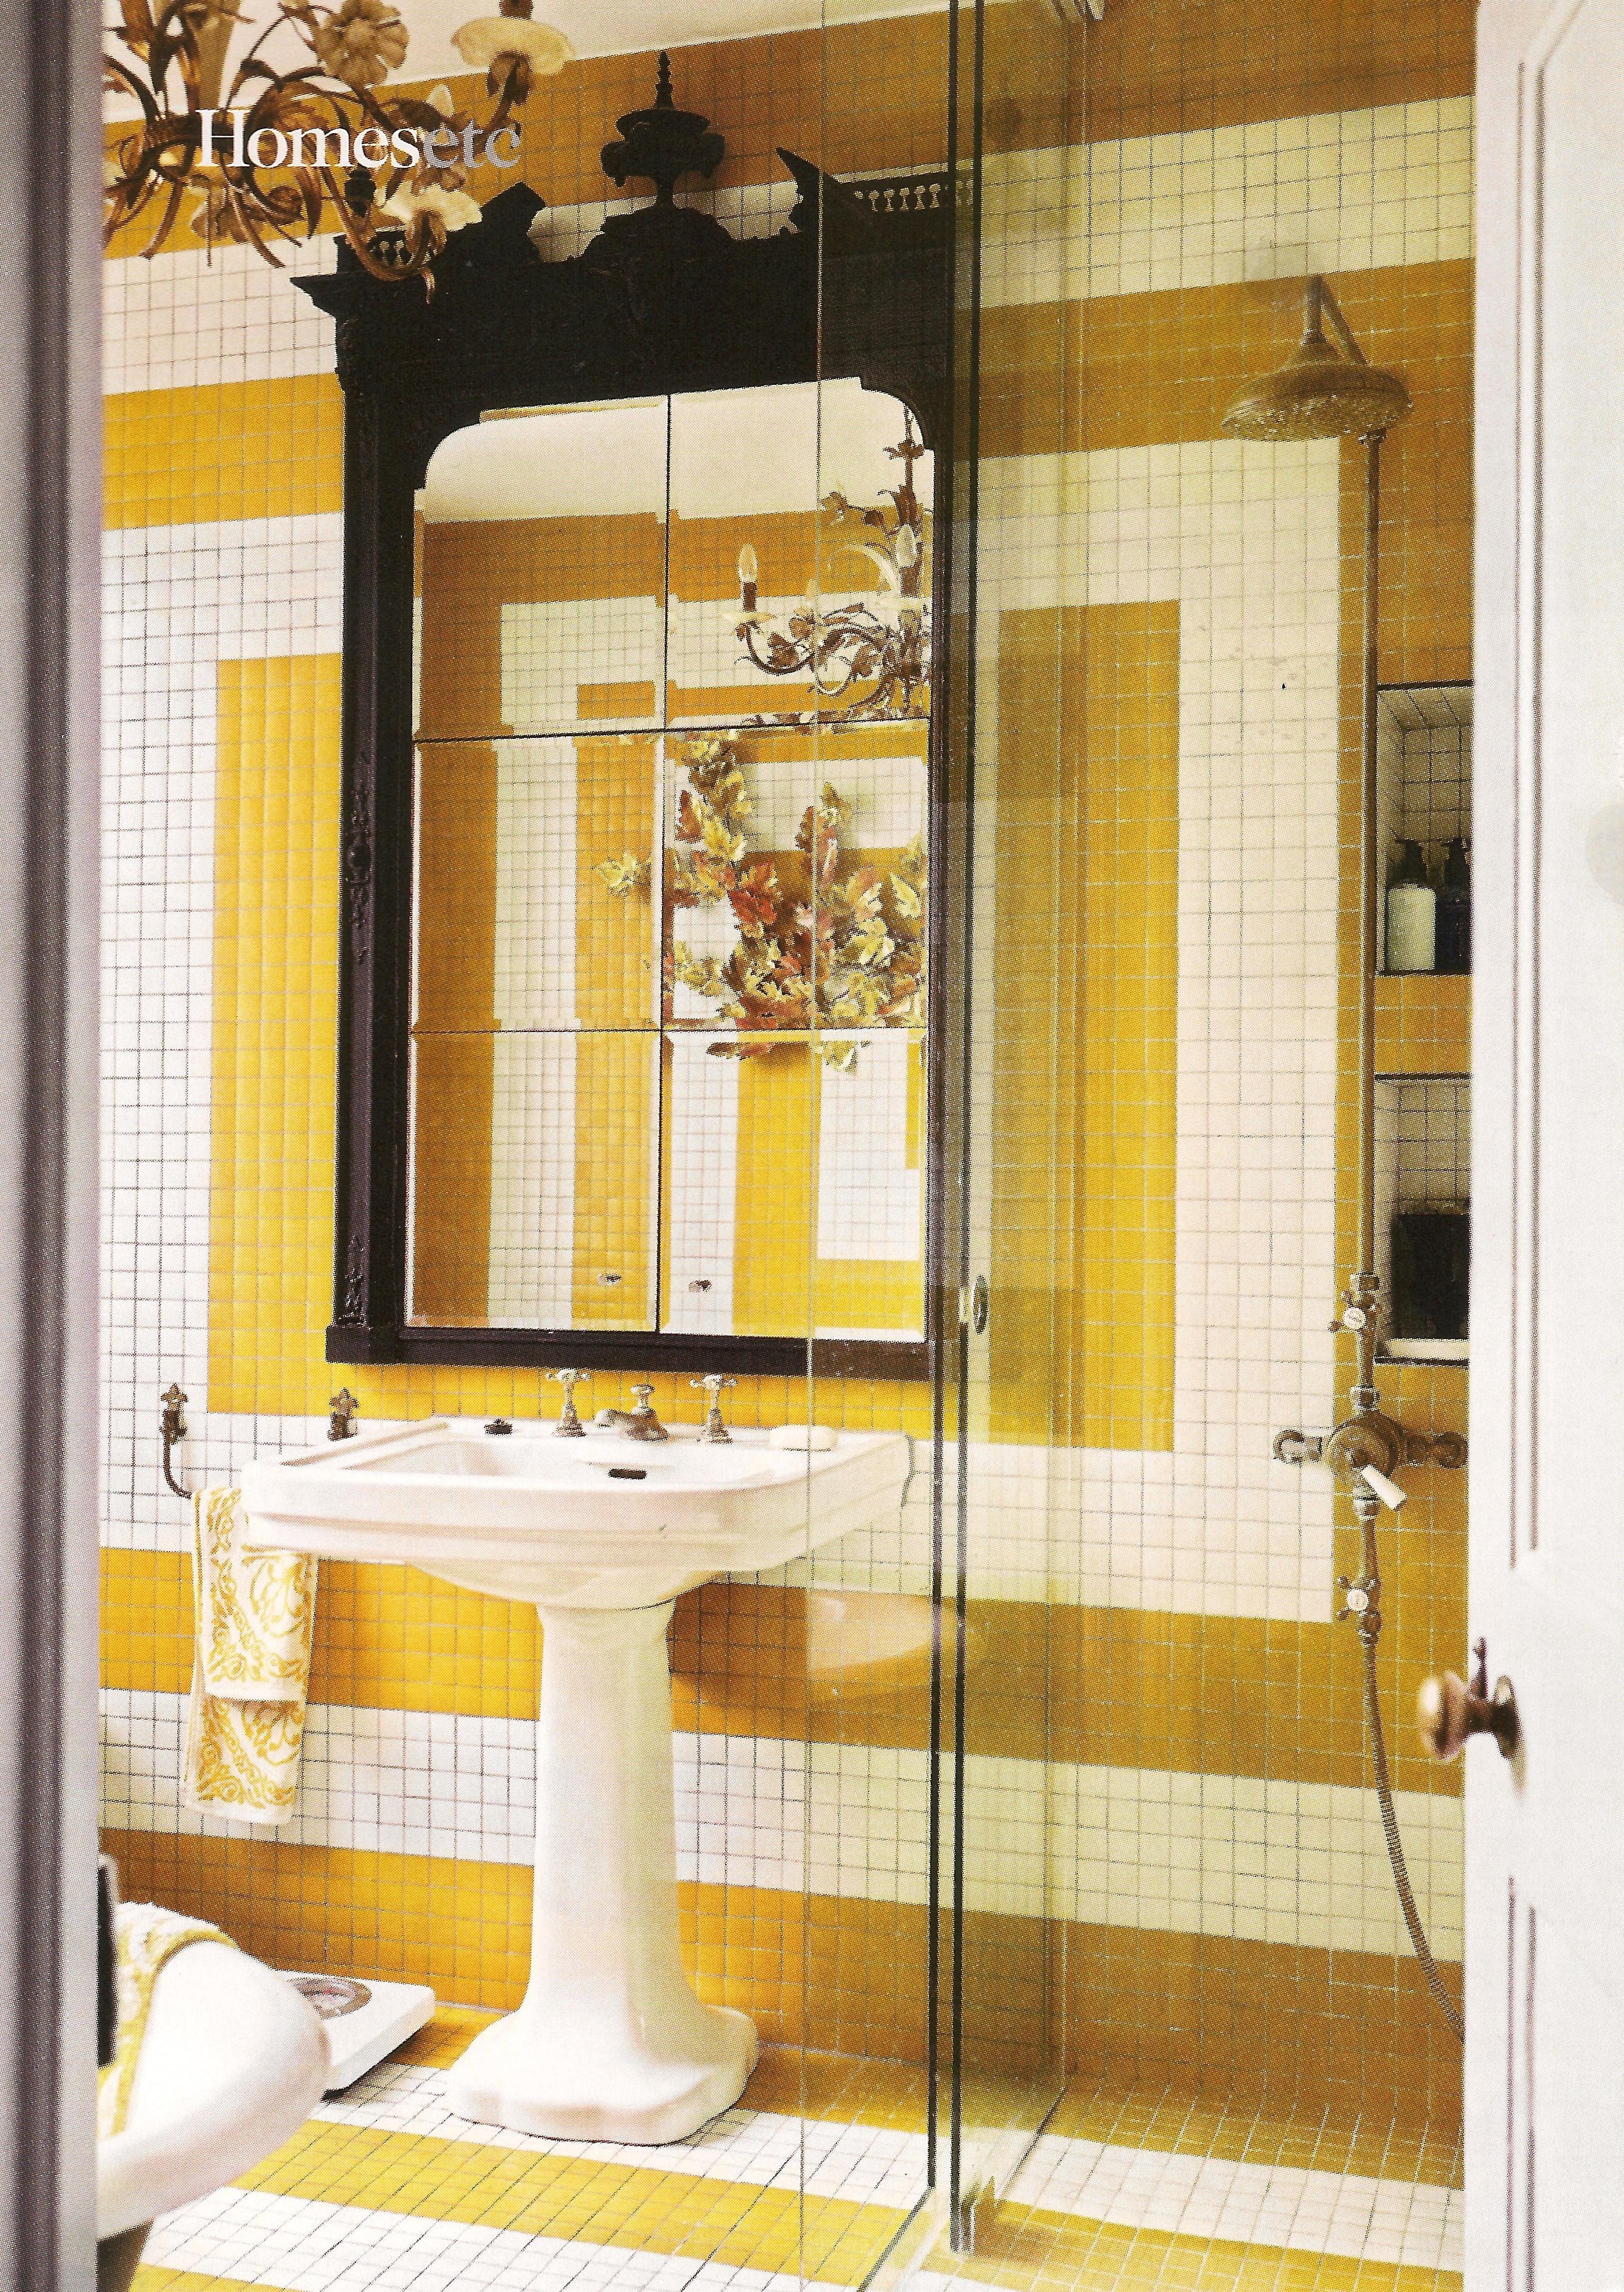 Art Deco   Godard Girl : The Taxonomies of Design